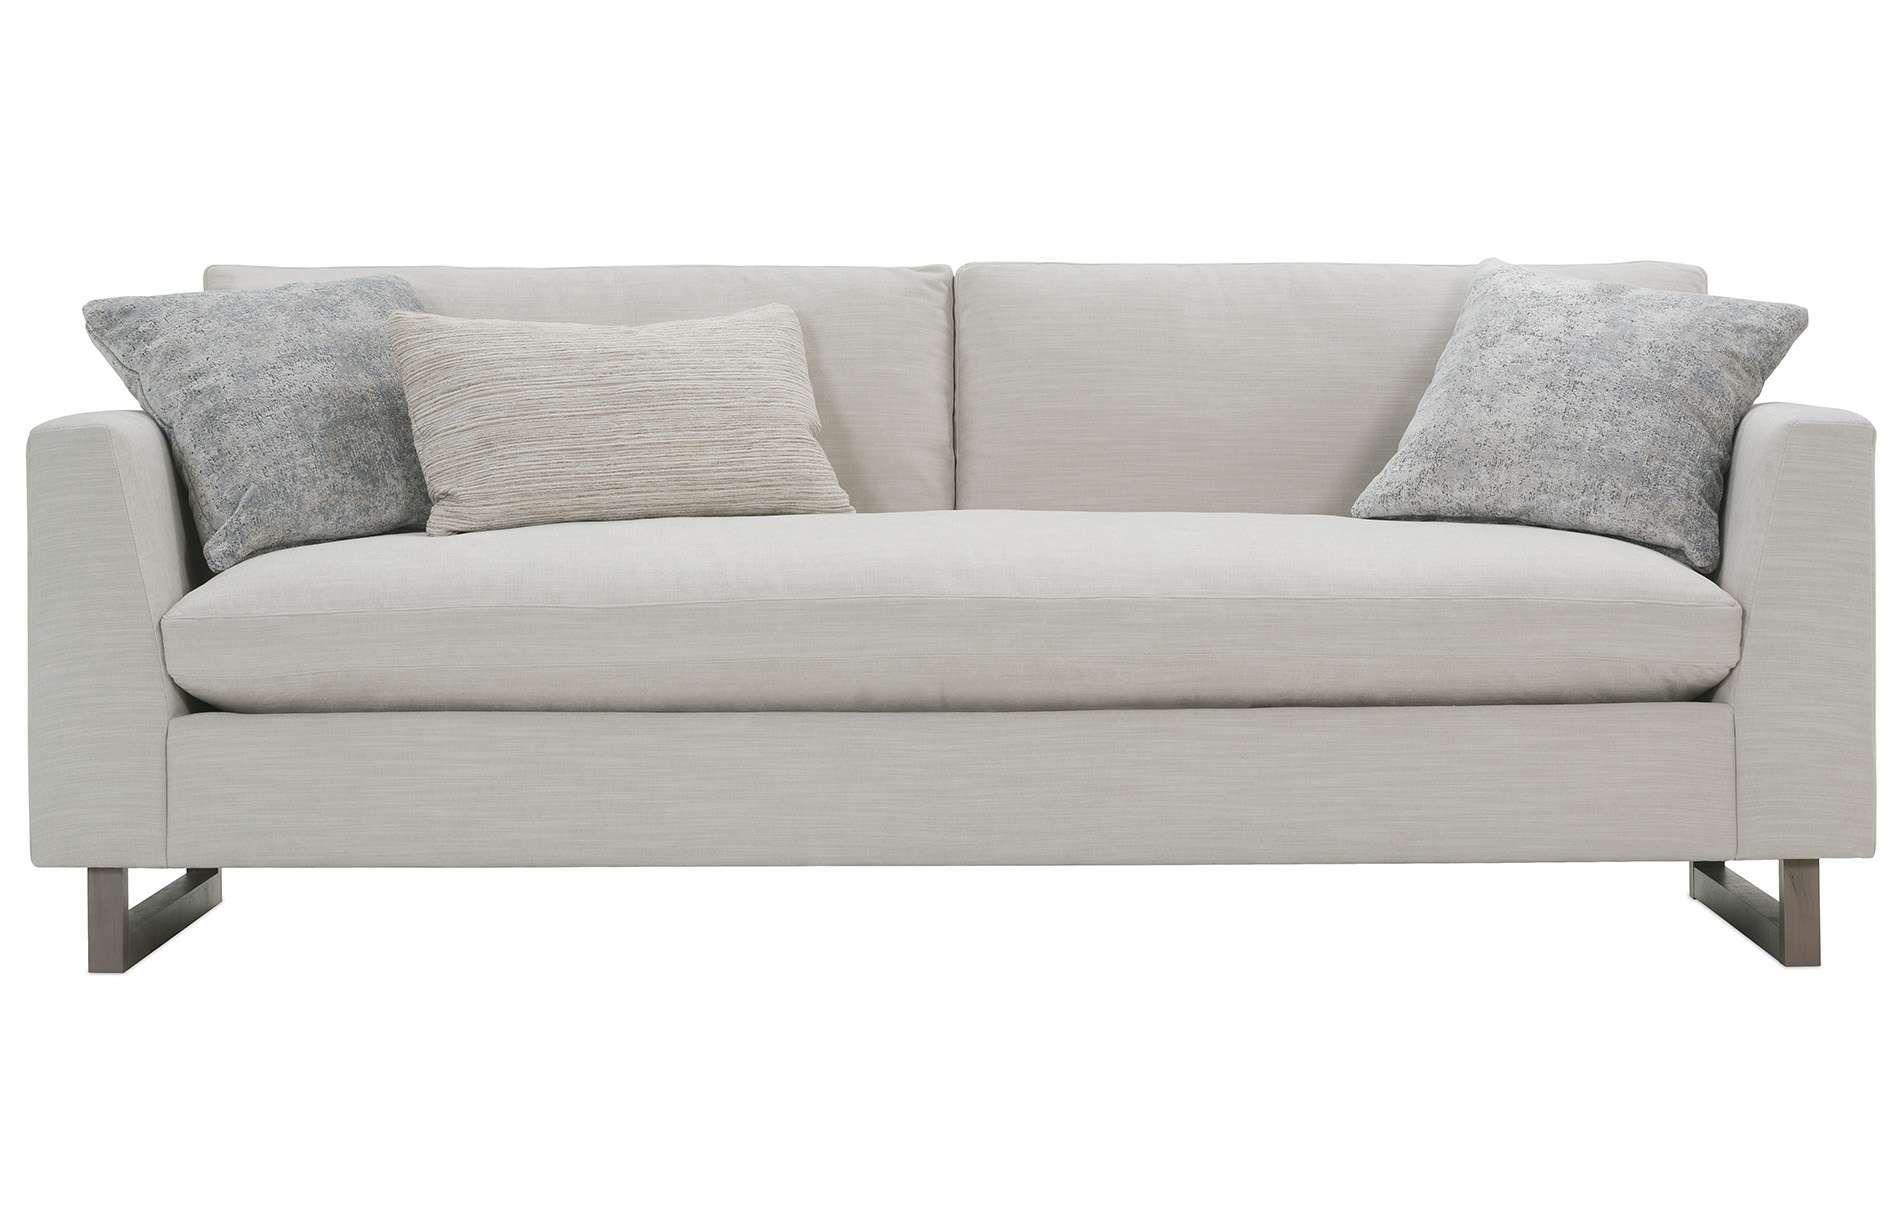 Darcy Bench Cushion Robin Bruce Furniture